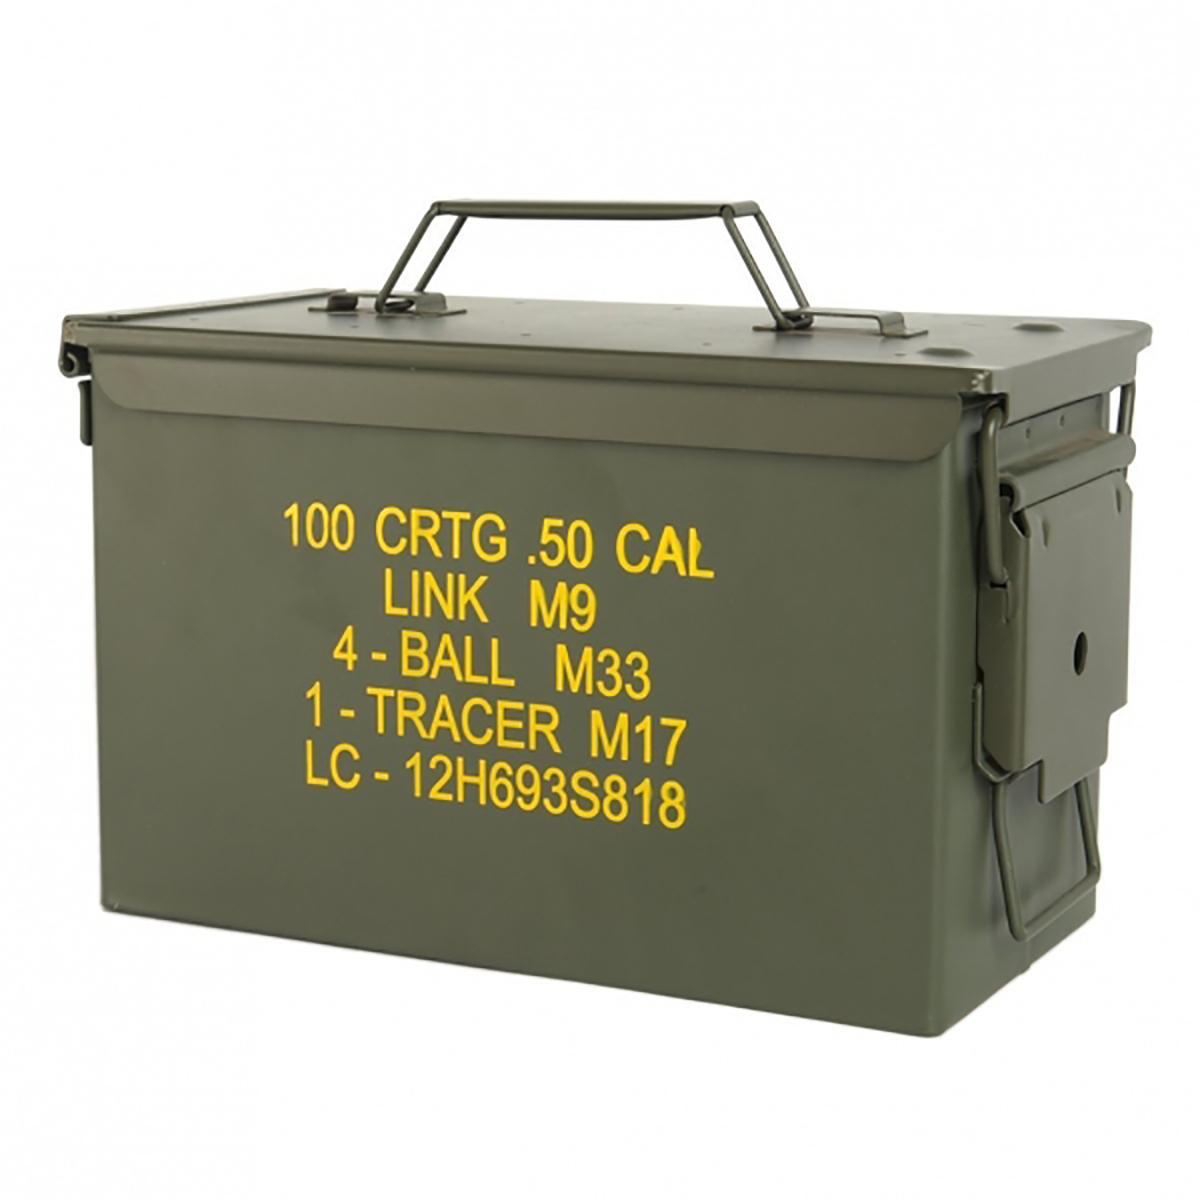 Munitionskiste Metall abschließbar günstig kaufen